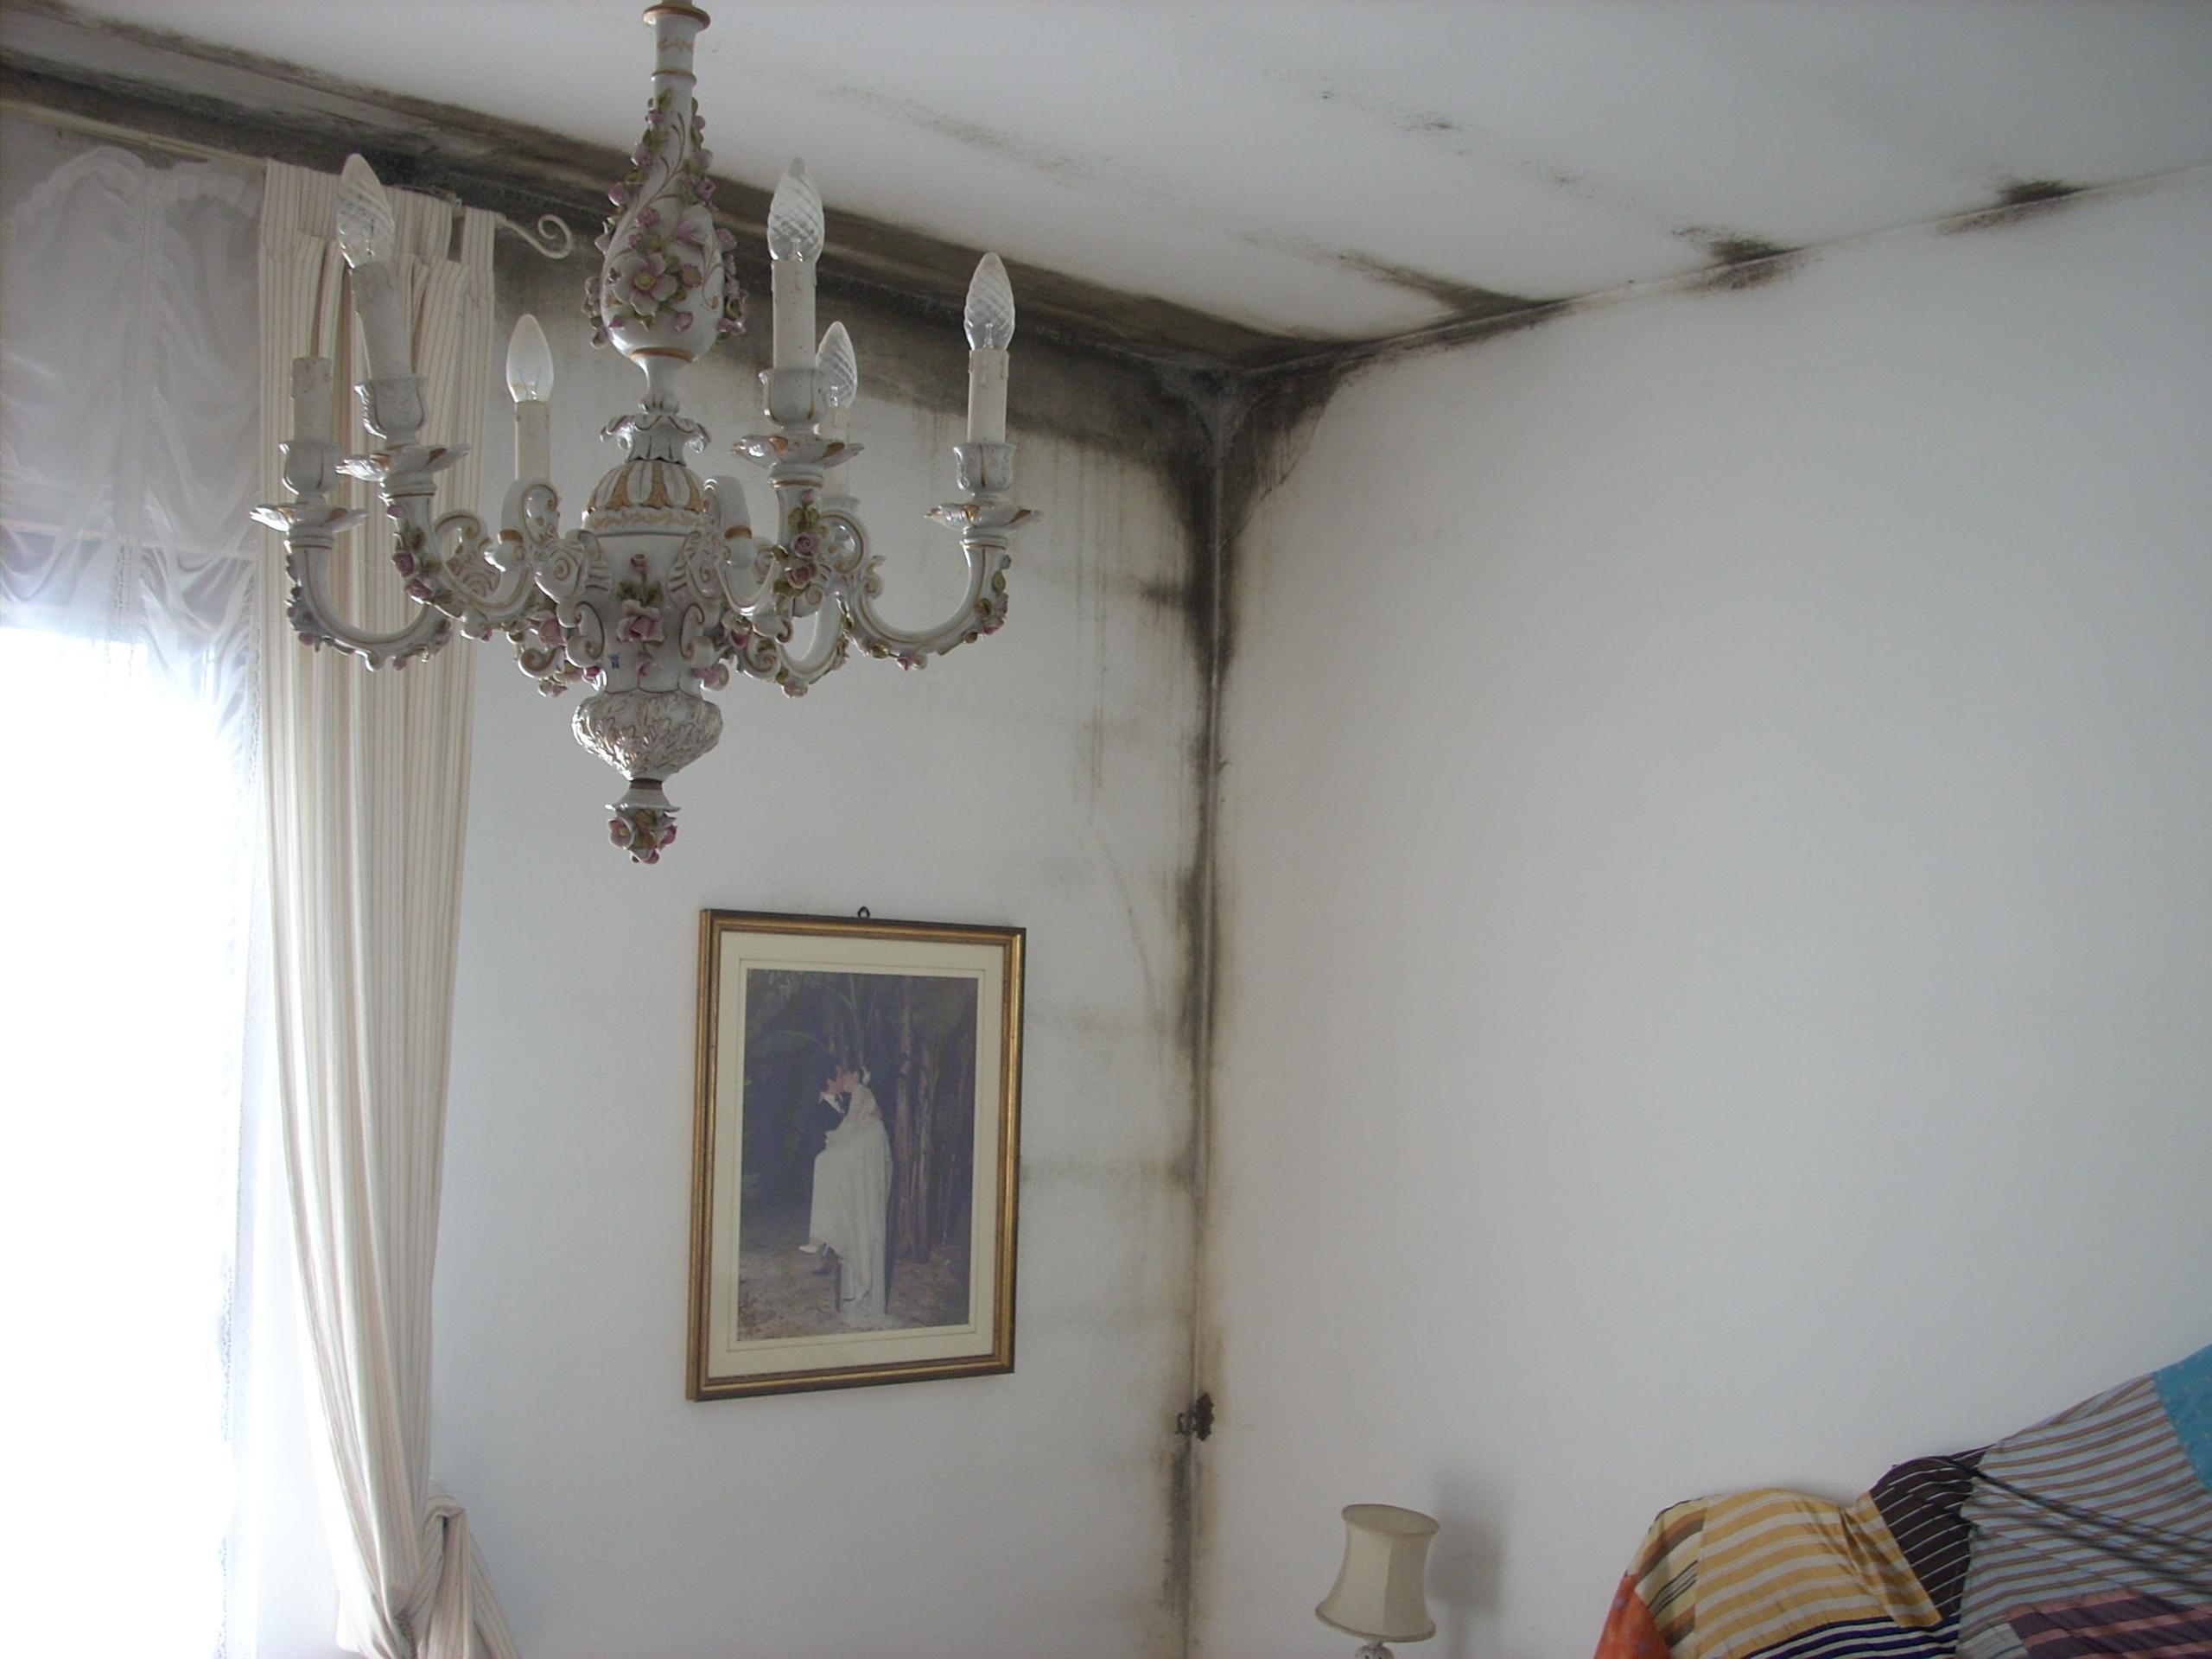 Un esempio disastroso come sostituire solo i serramenti - Casa umida come risolvere ...